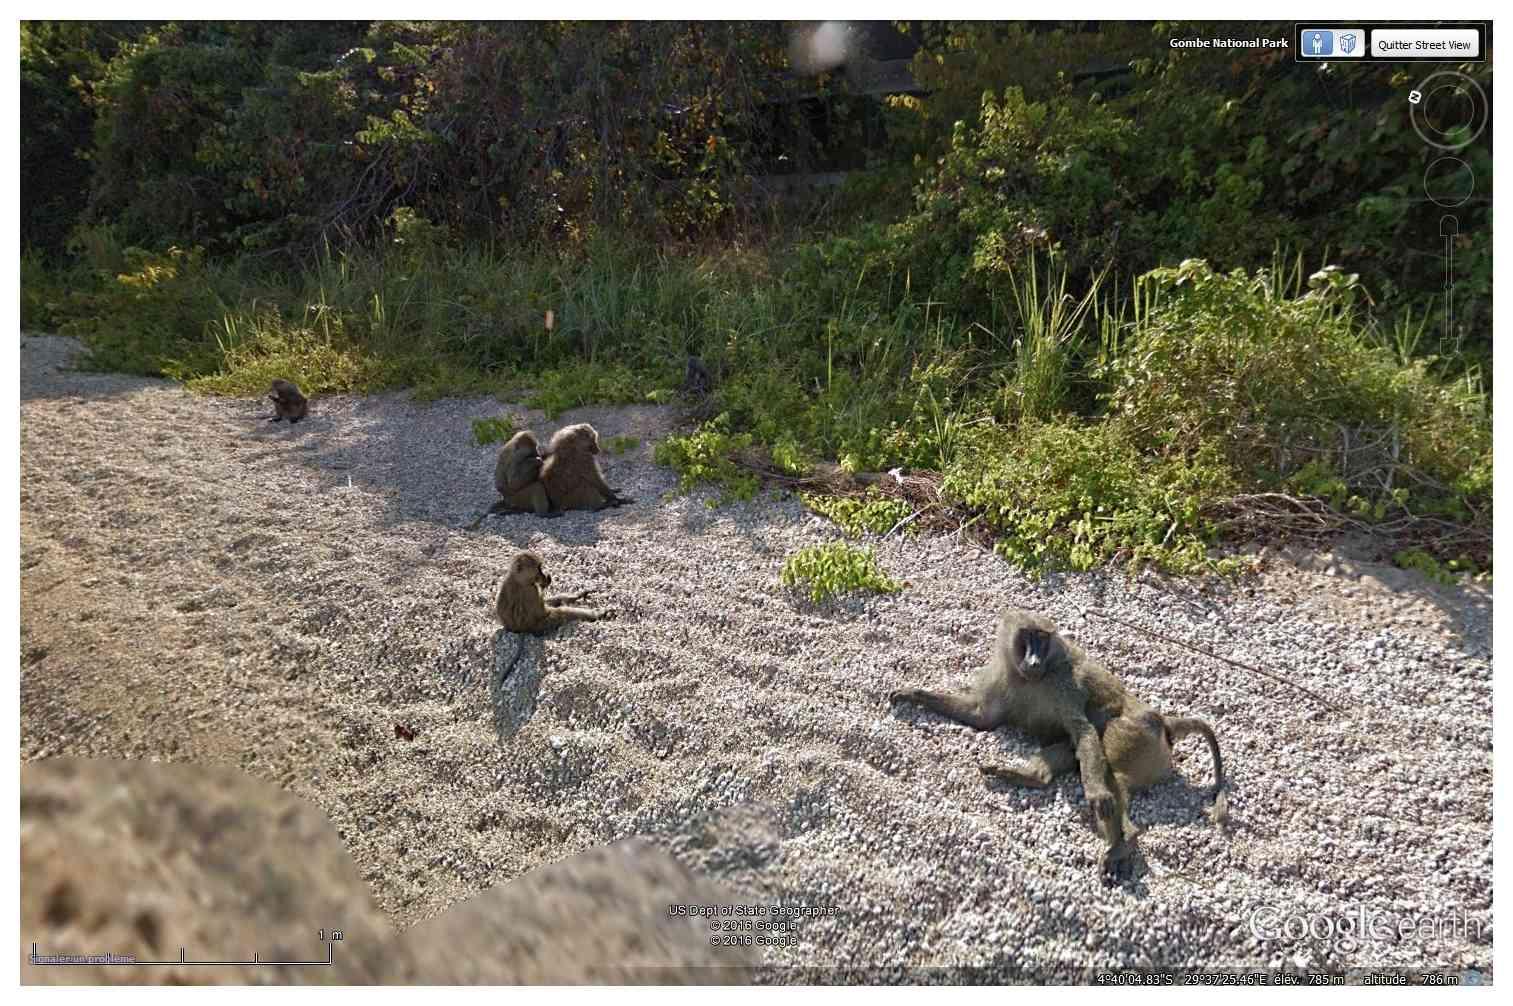 STREET VIEW : les cartes postales de Google Earth - Page 62 Sans_t67